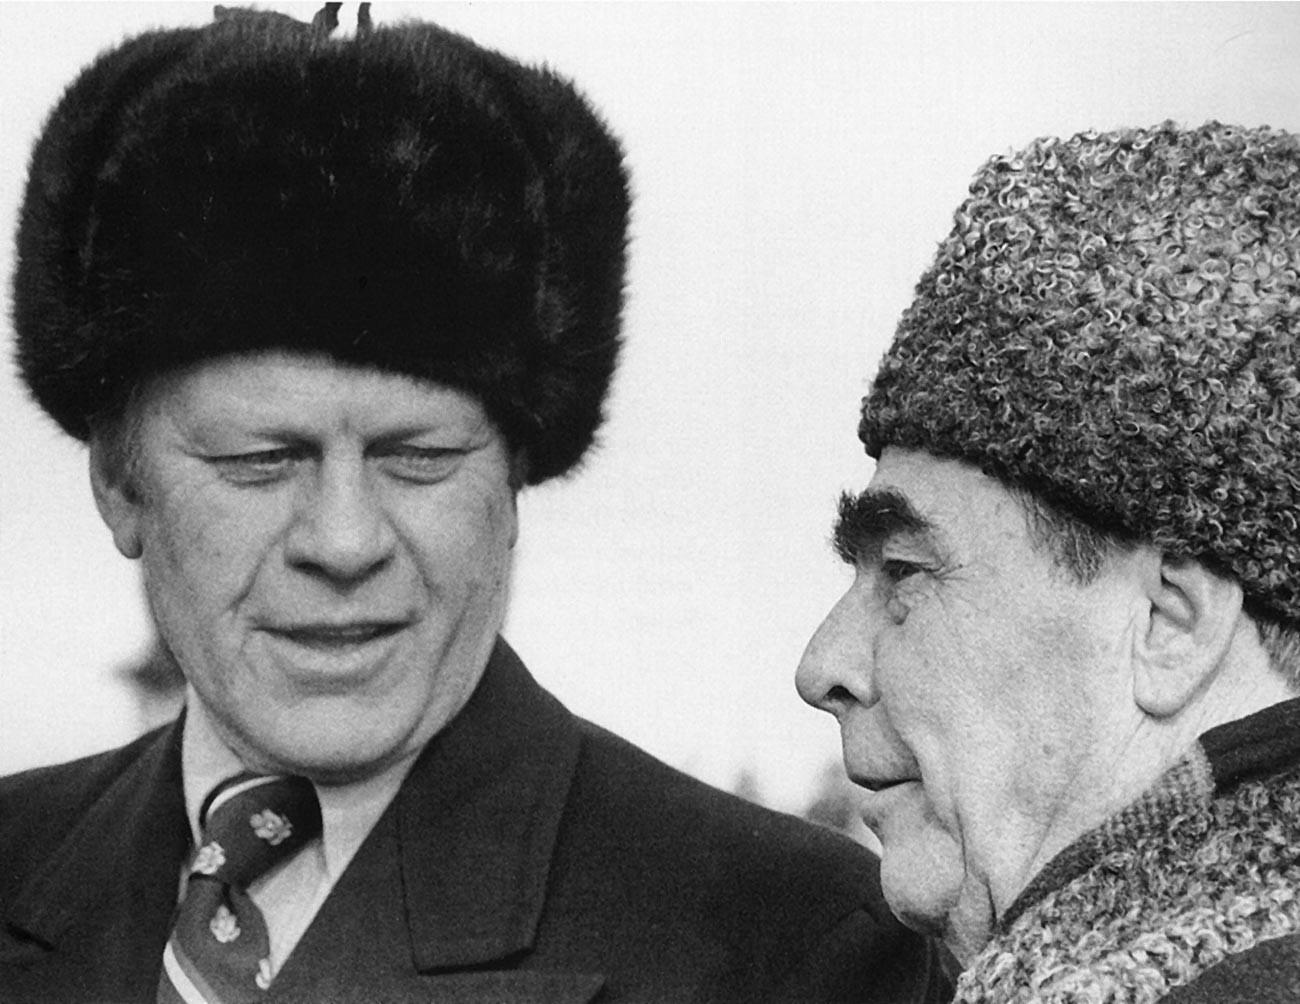 O presidente dos Estados Unidos, Gerald R. Ford, encontrando-se com o líder soviético Leonid Brejnev, 1974.